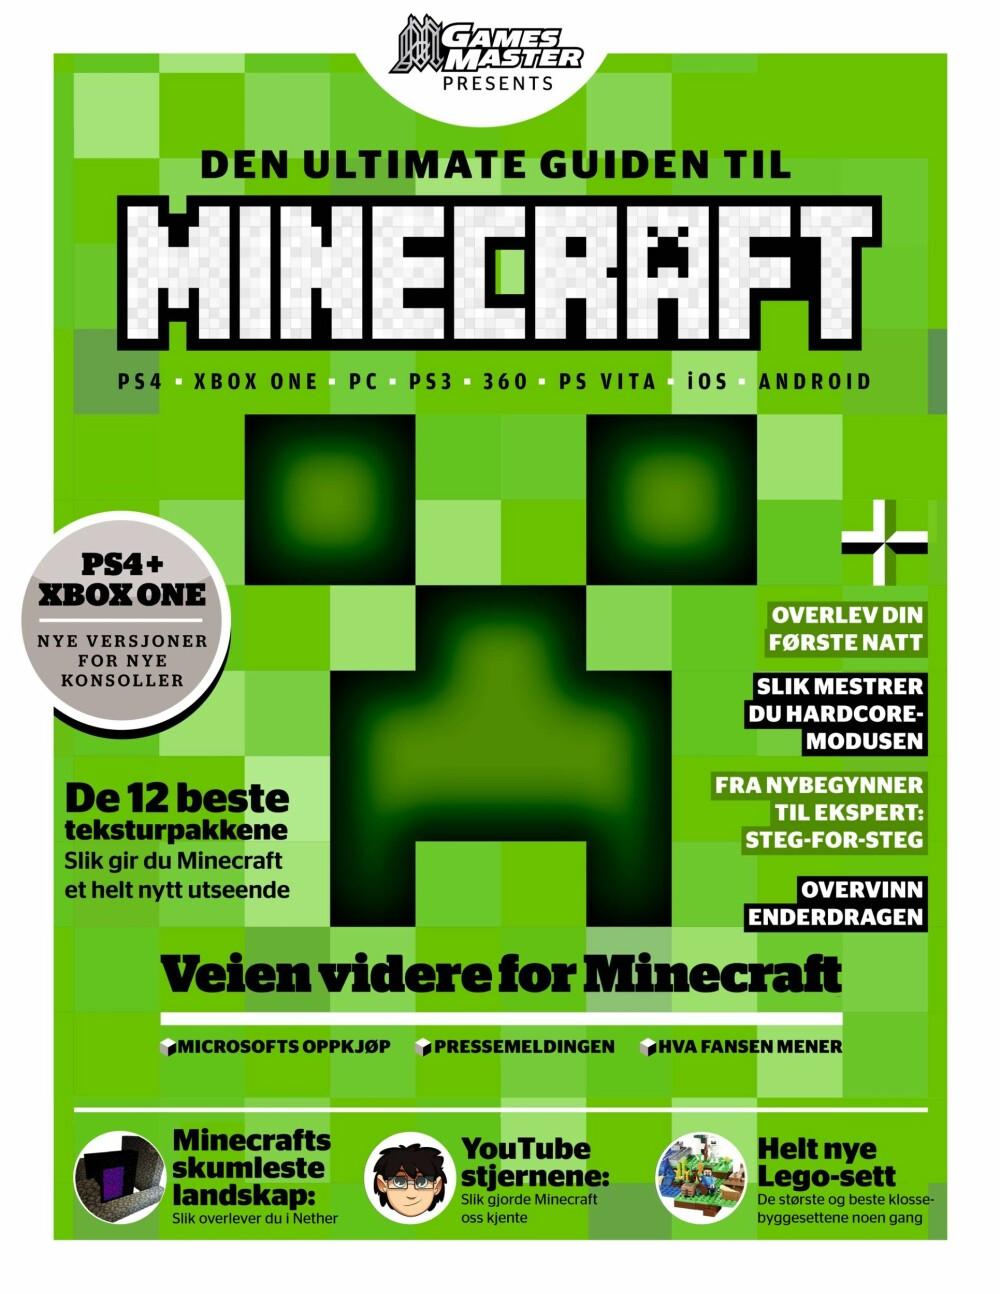 ALT OM MINECRAFT: Du kan fortsatt kjøpe Minecraft-boka vår på www.wimennshop.no.